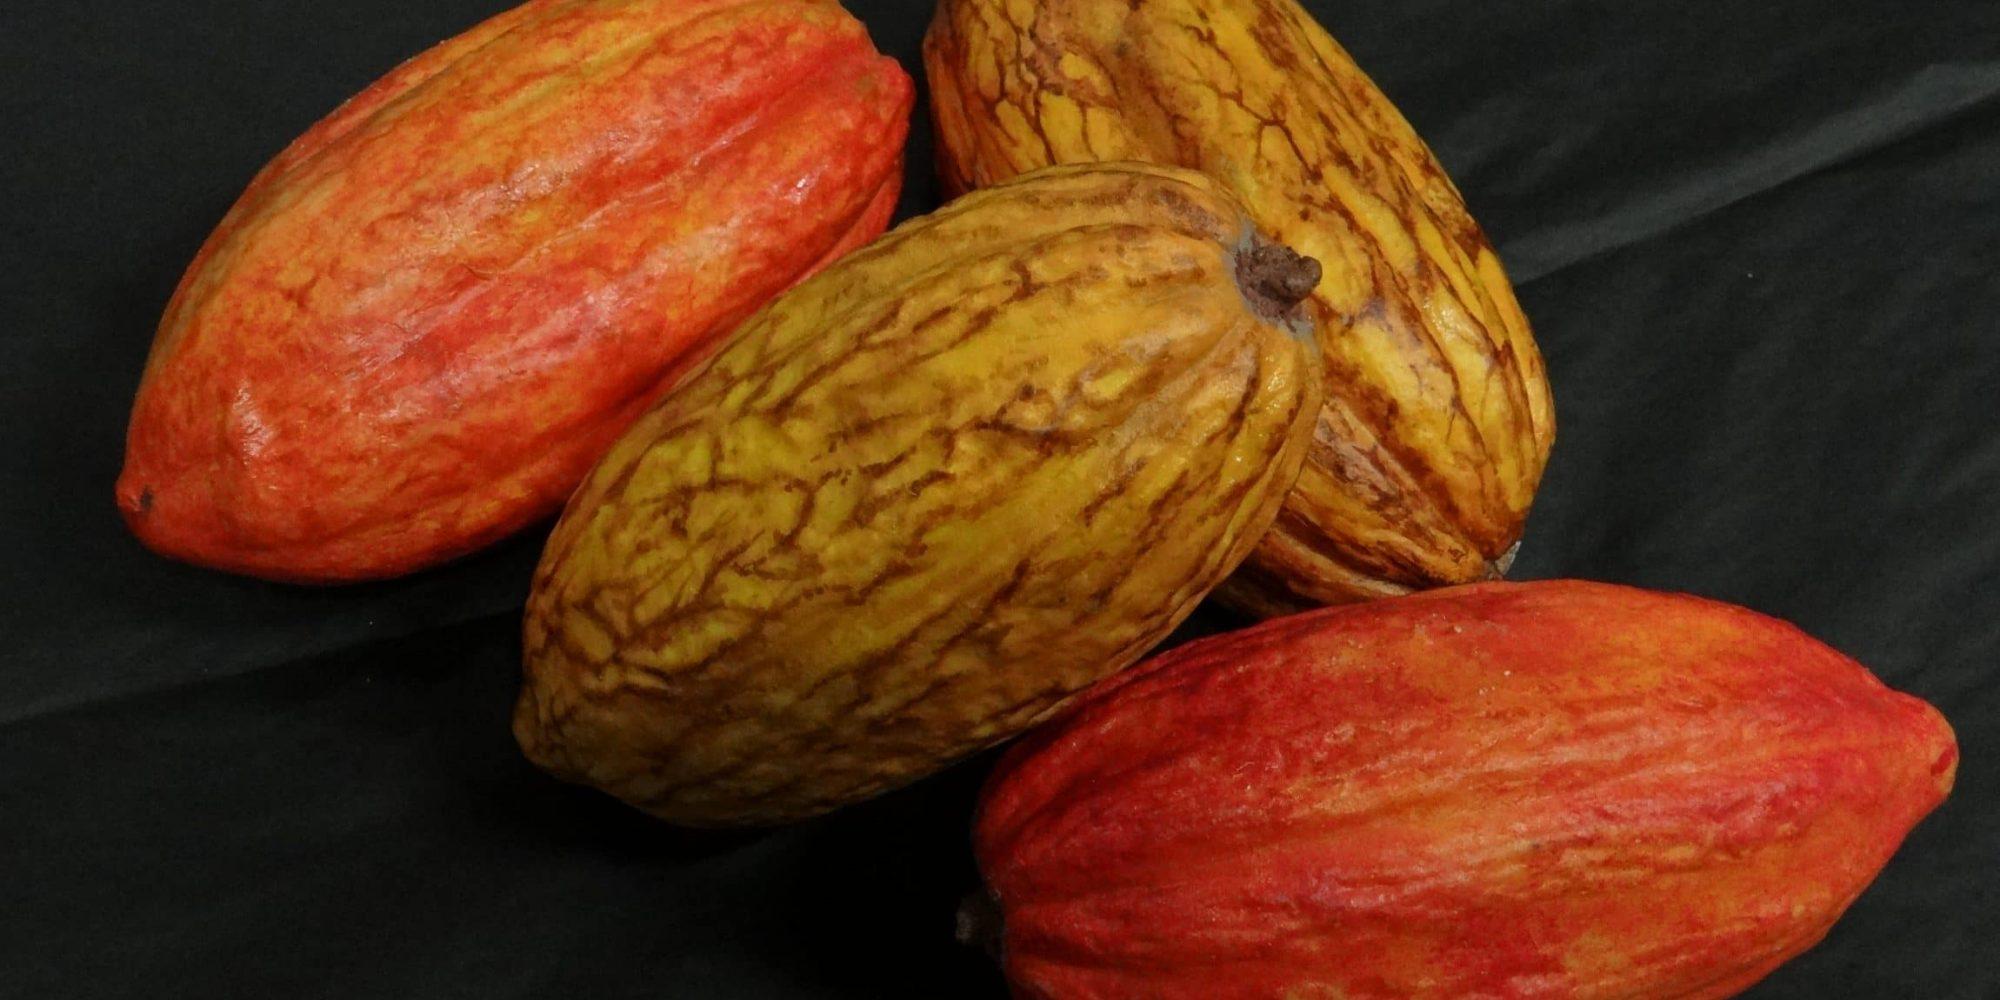 décoration salon professionnel : factices alimentaires de cabosse de chocolat fraîches pour les chocolats Cémoi - Atelier Cobalt Fx